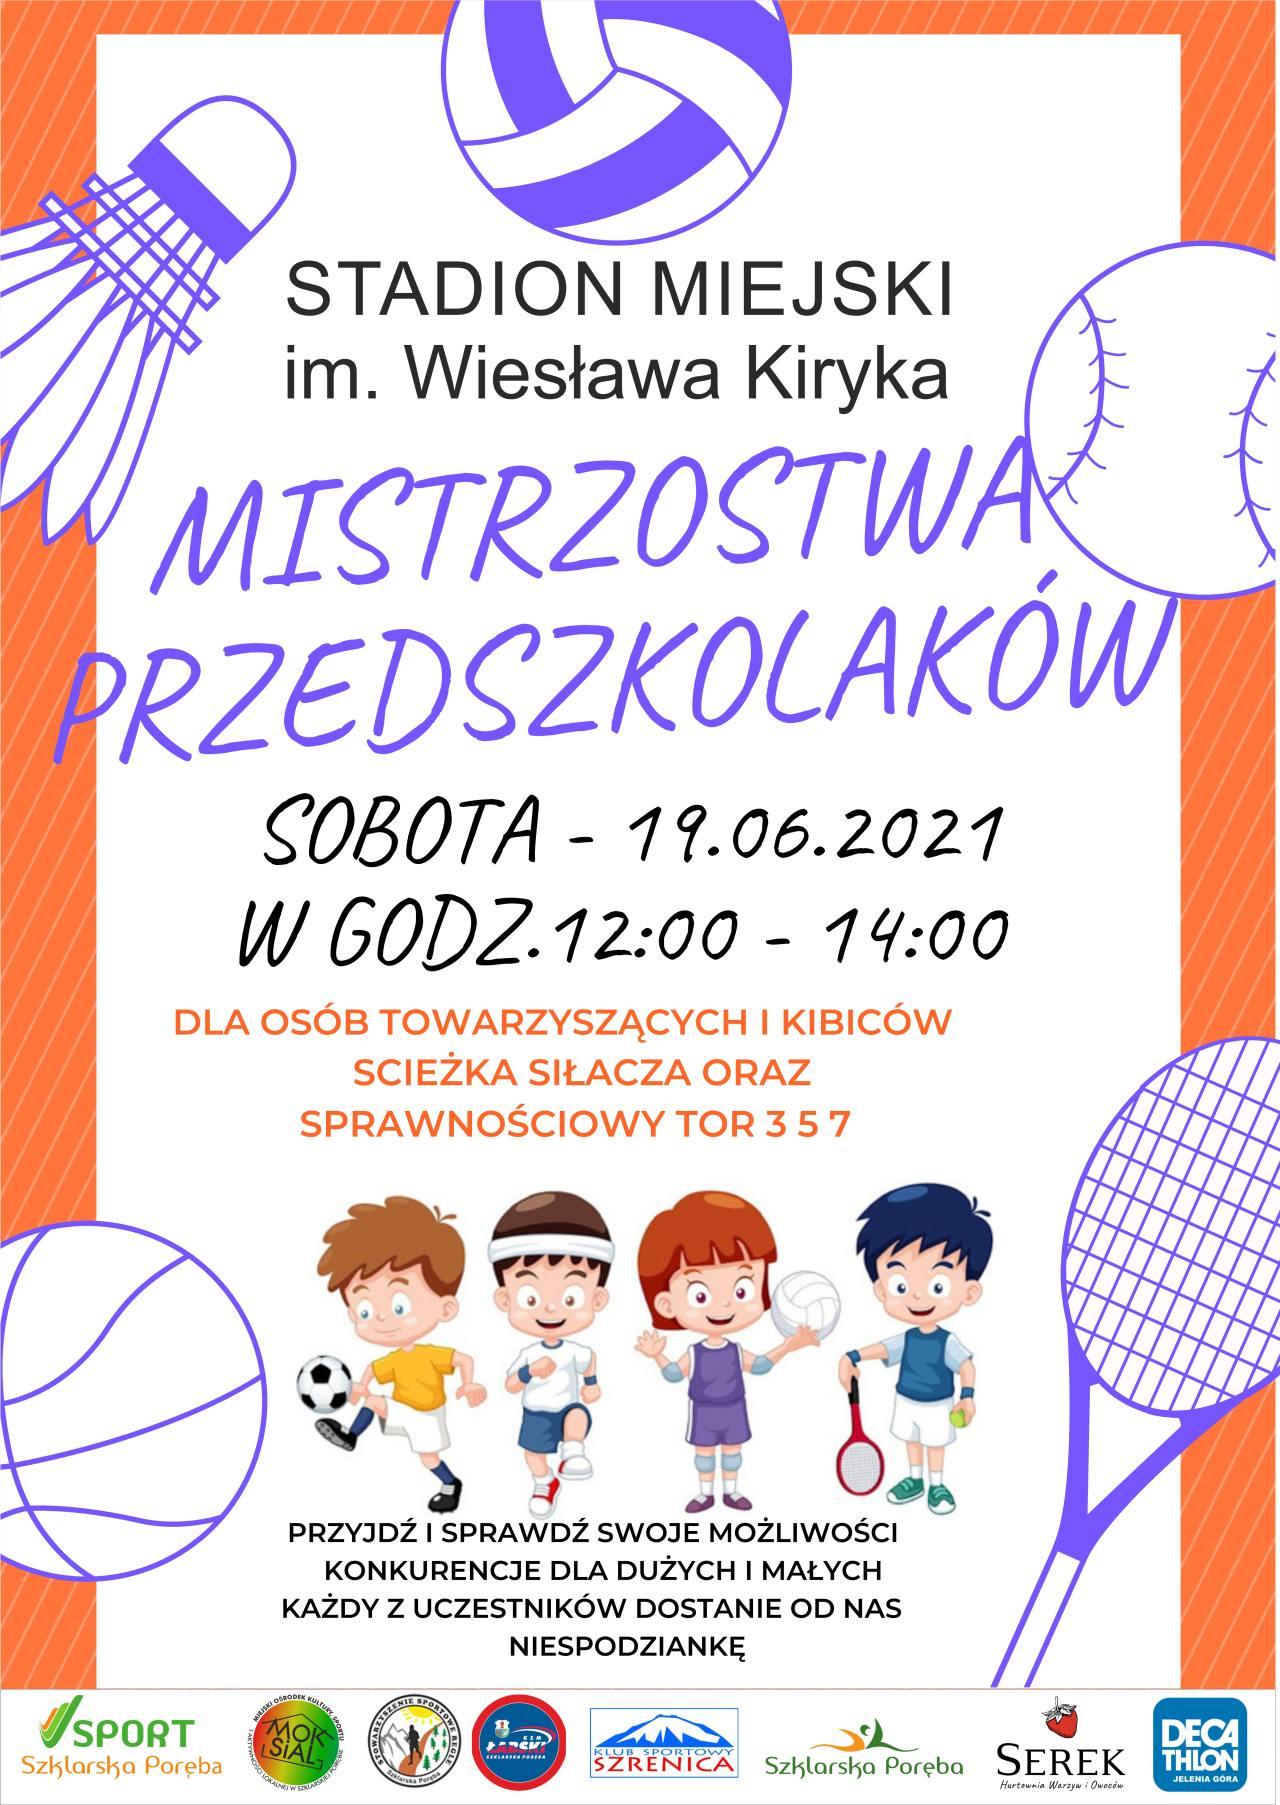 Mistrzostwa Przedszkolaków